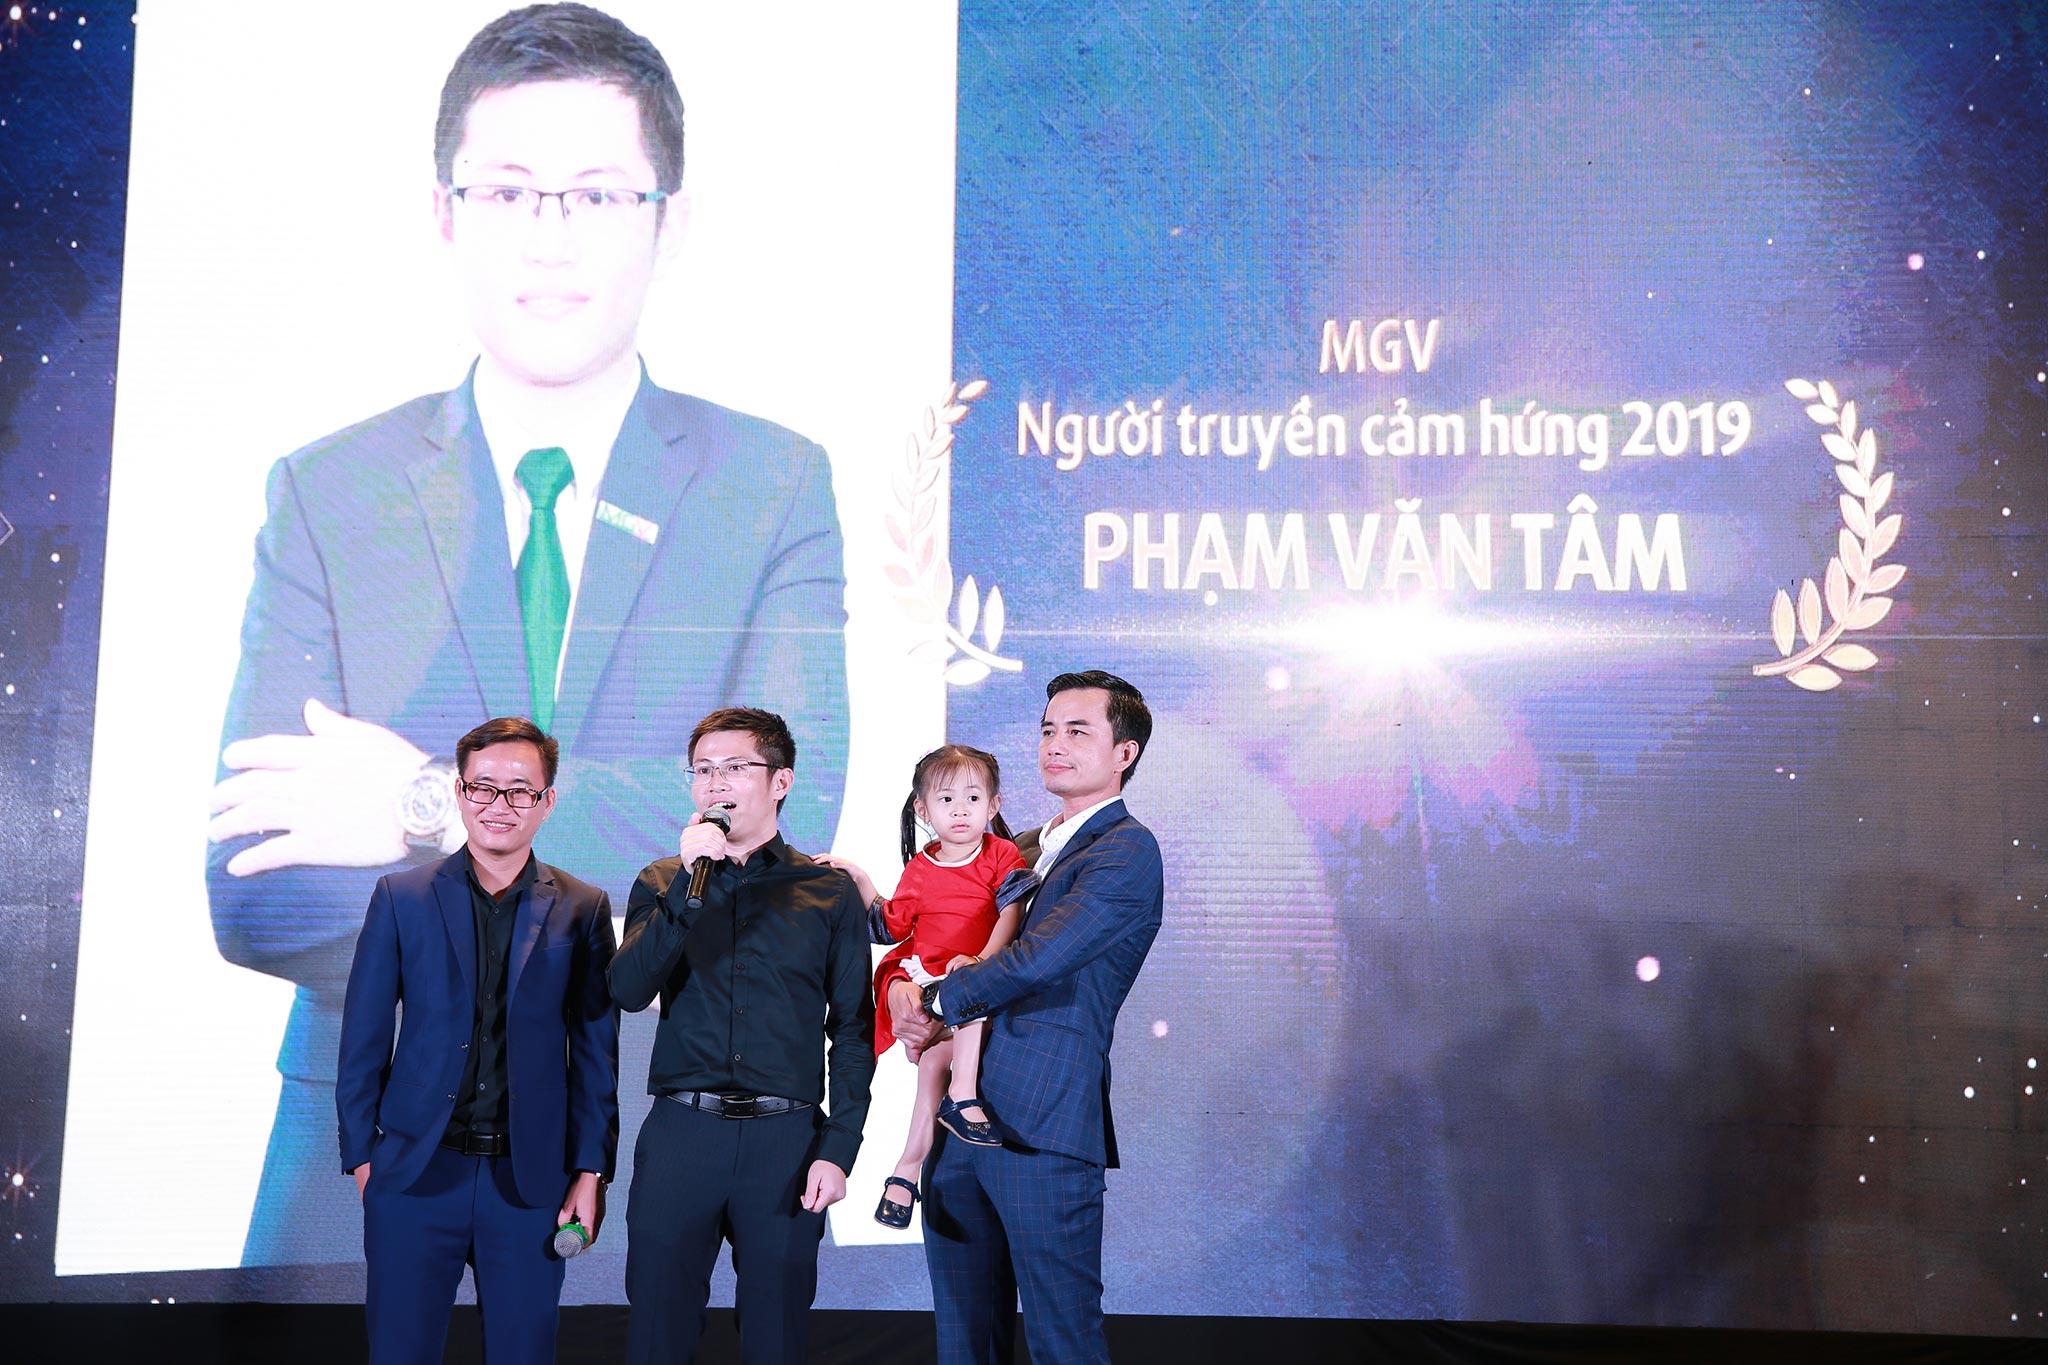 Người truyền cảm hứng 2019 - Phạm Văn Tâm